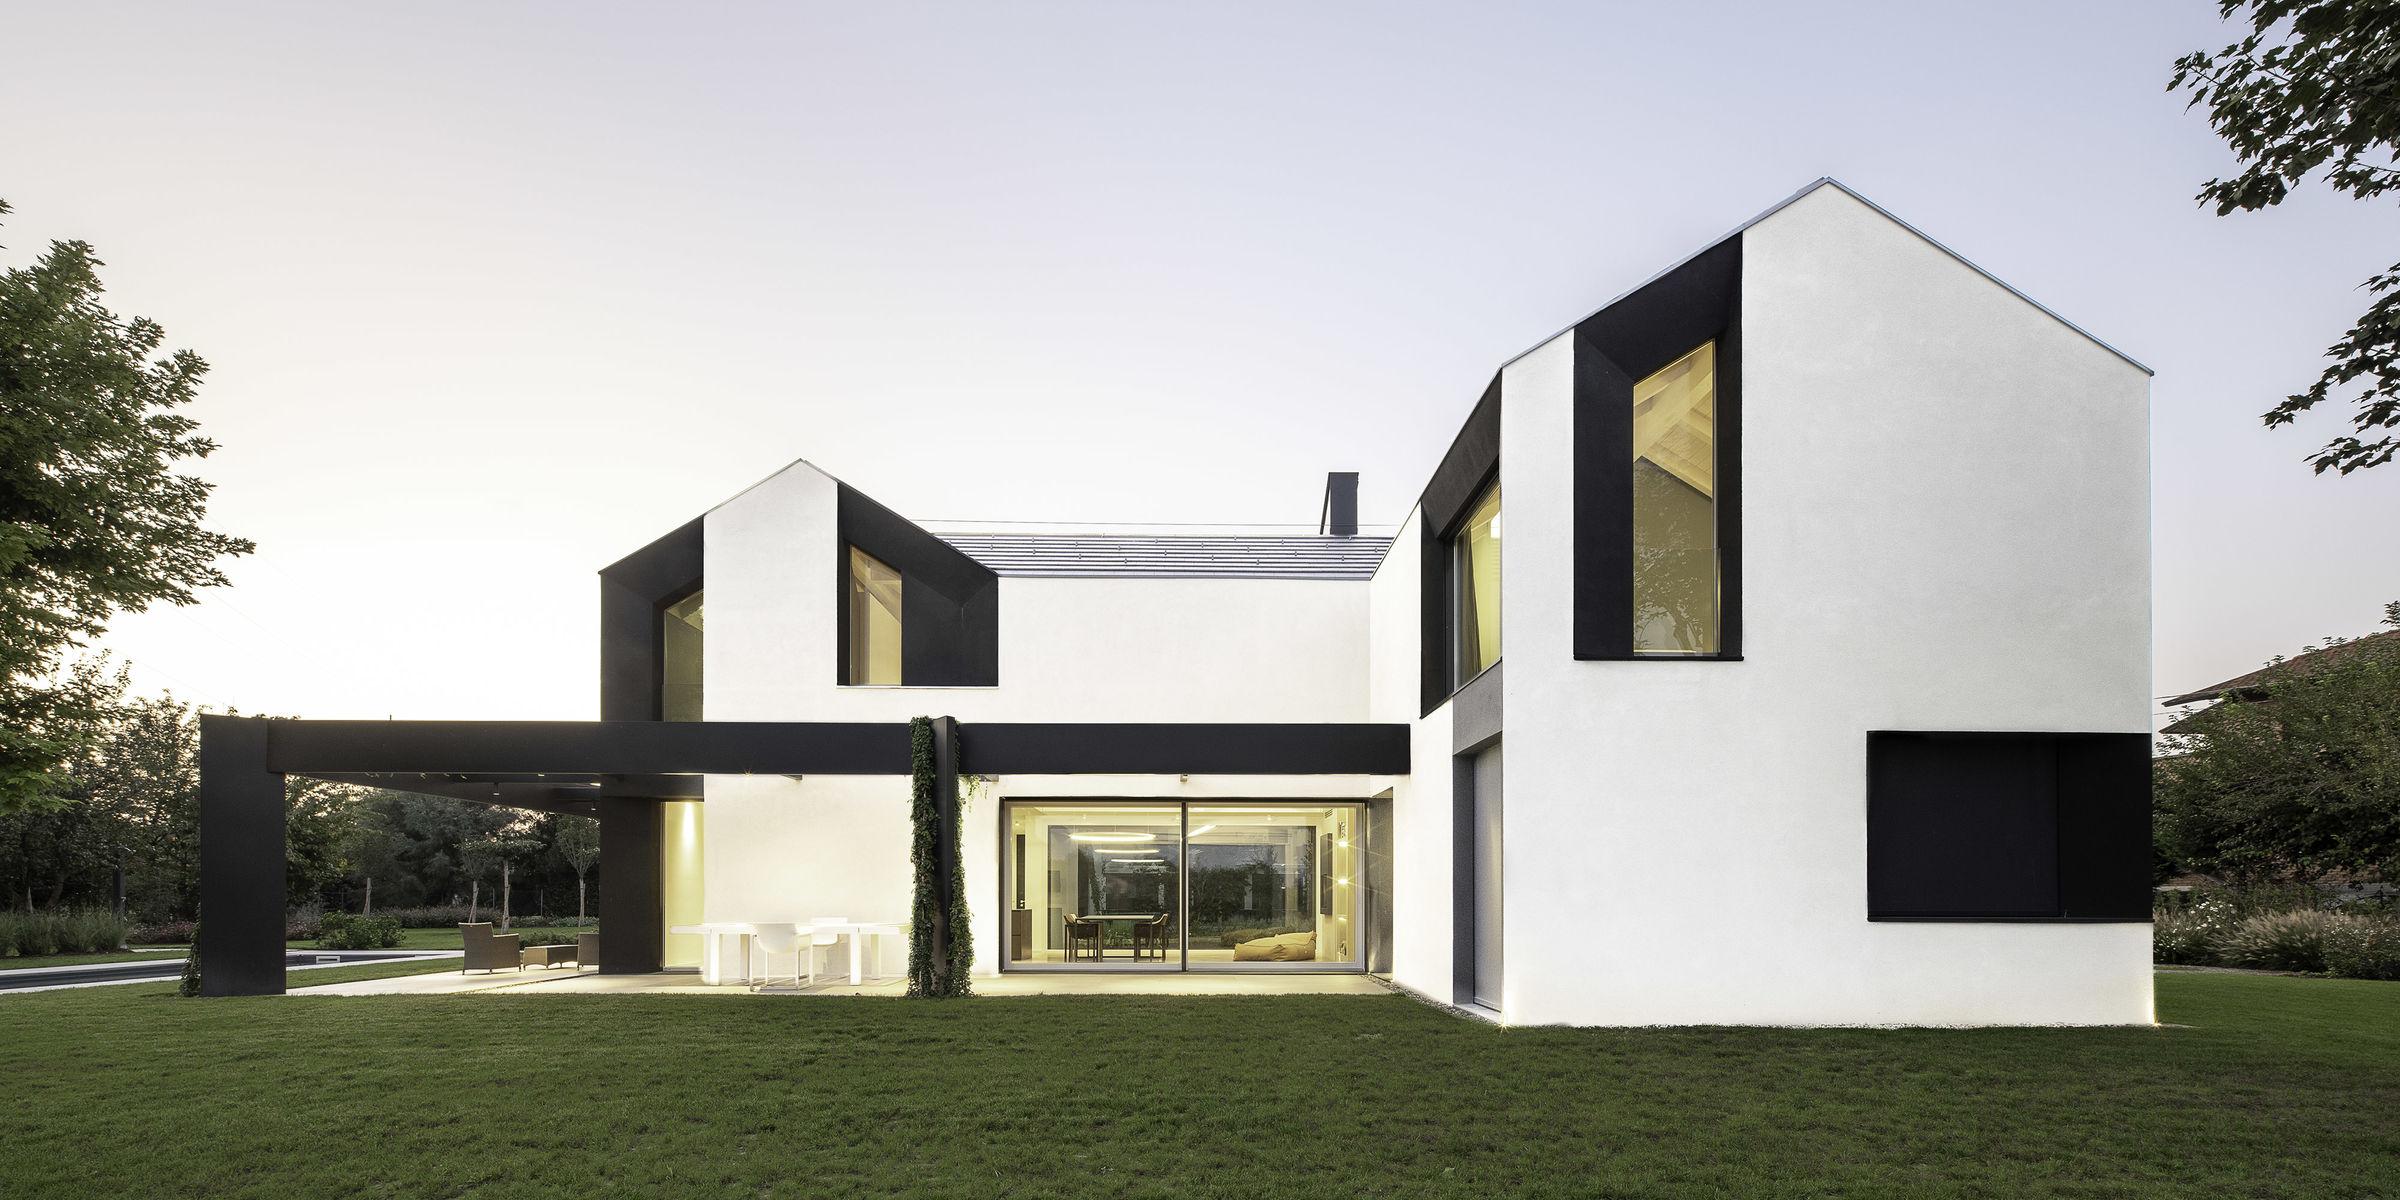 HHCR - HOUSEHUT   NAT OFFICE - christian gasparini architect